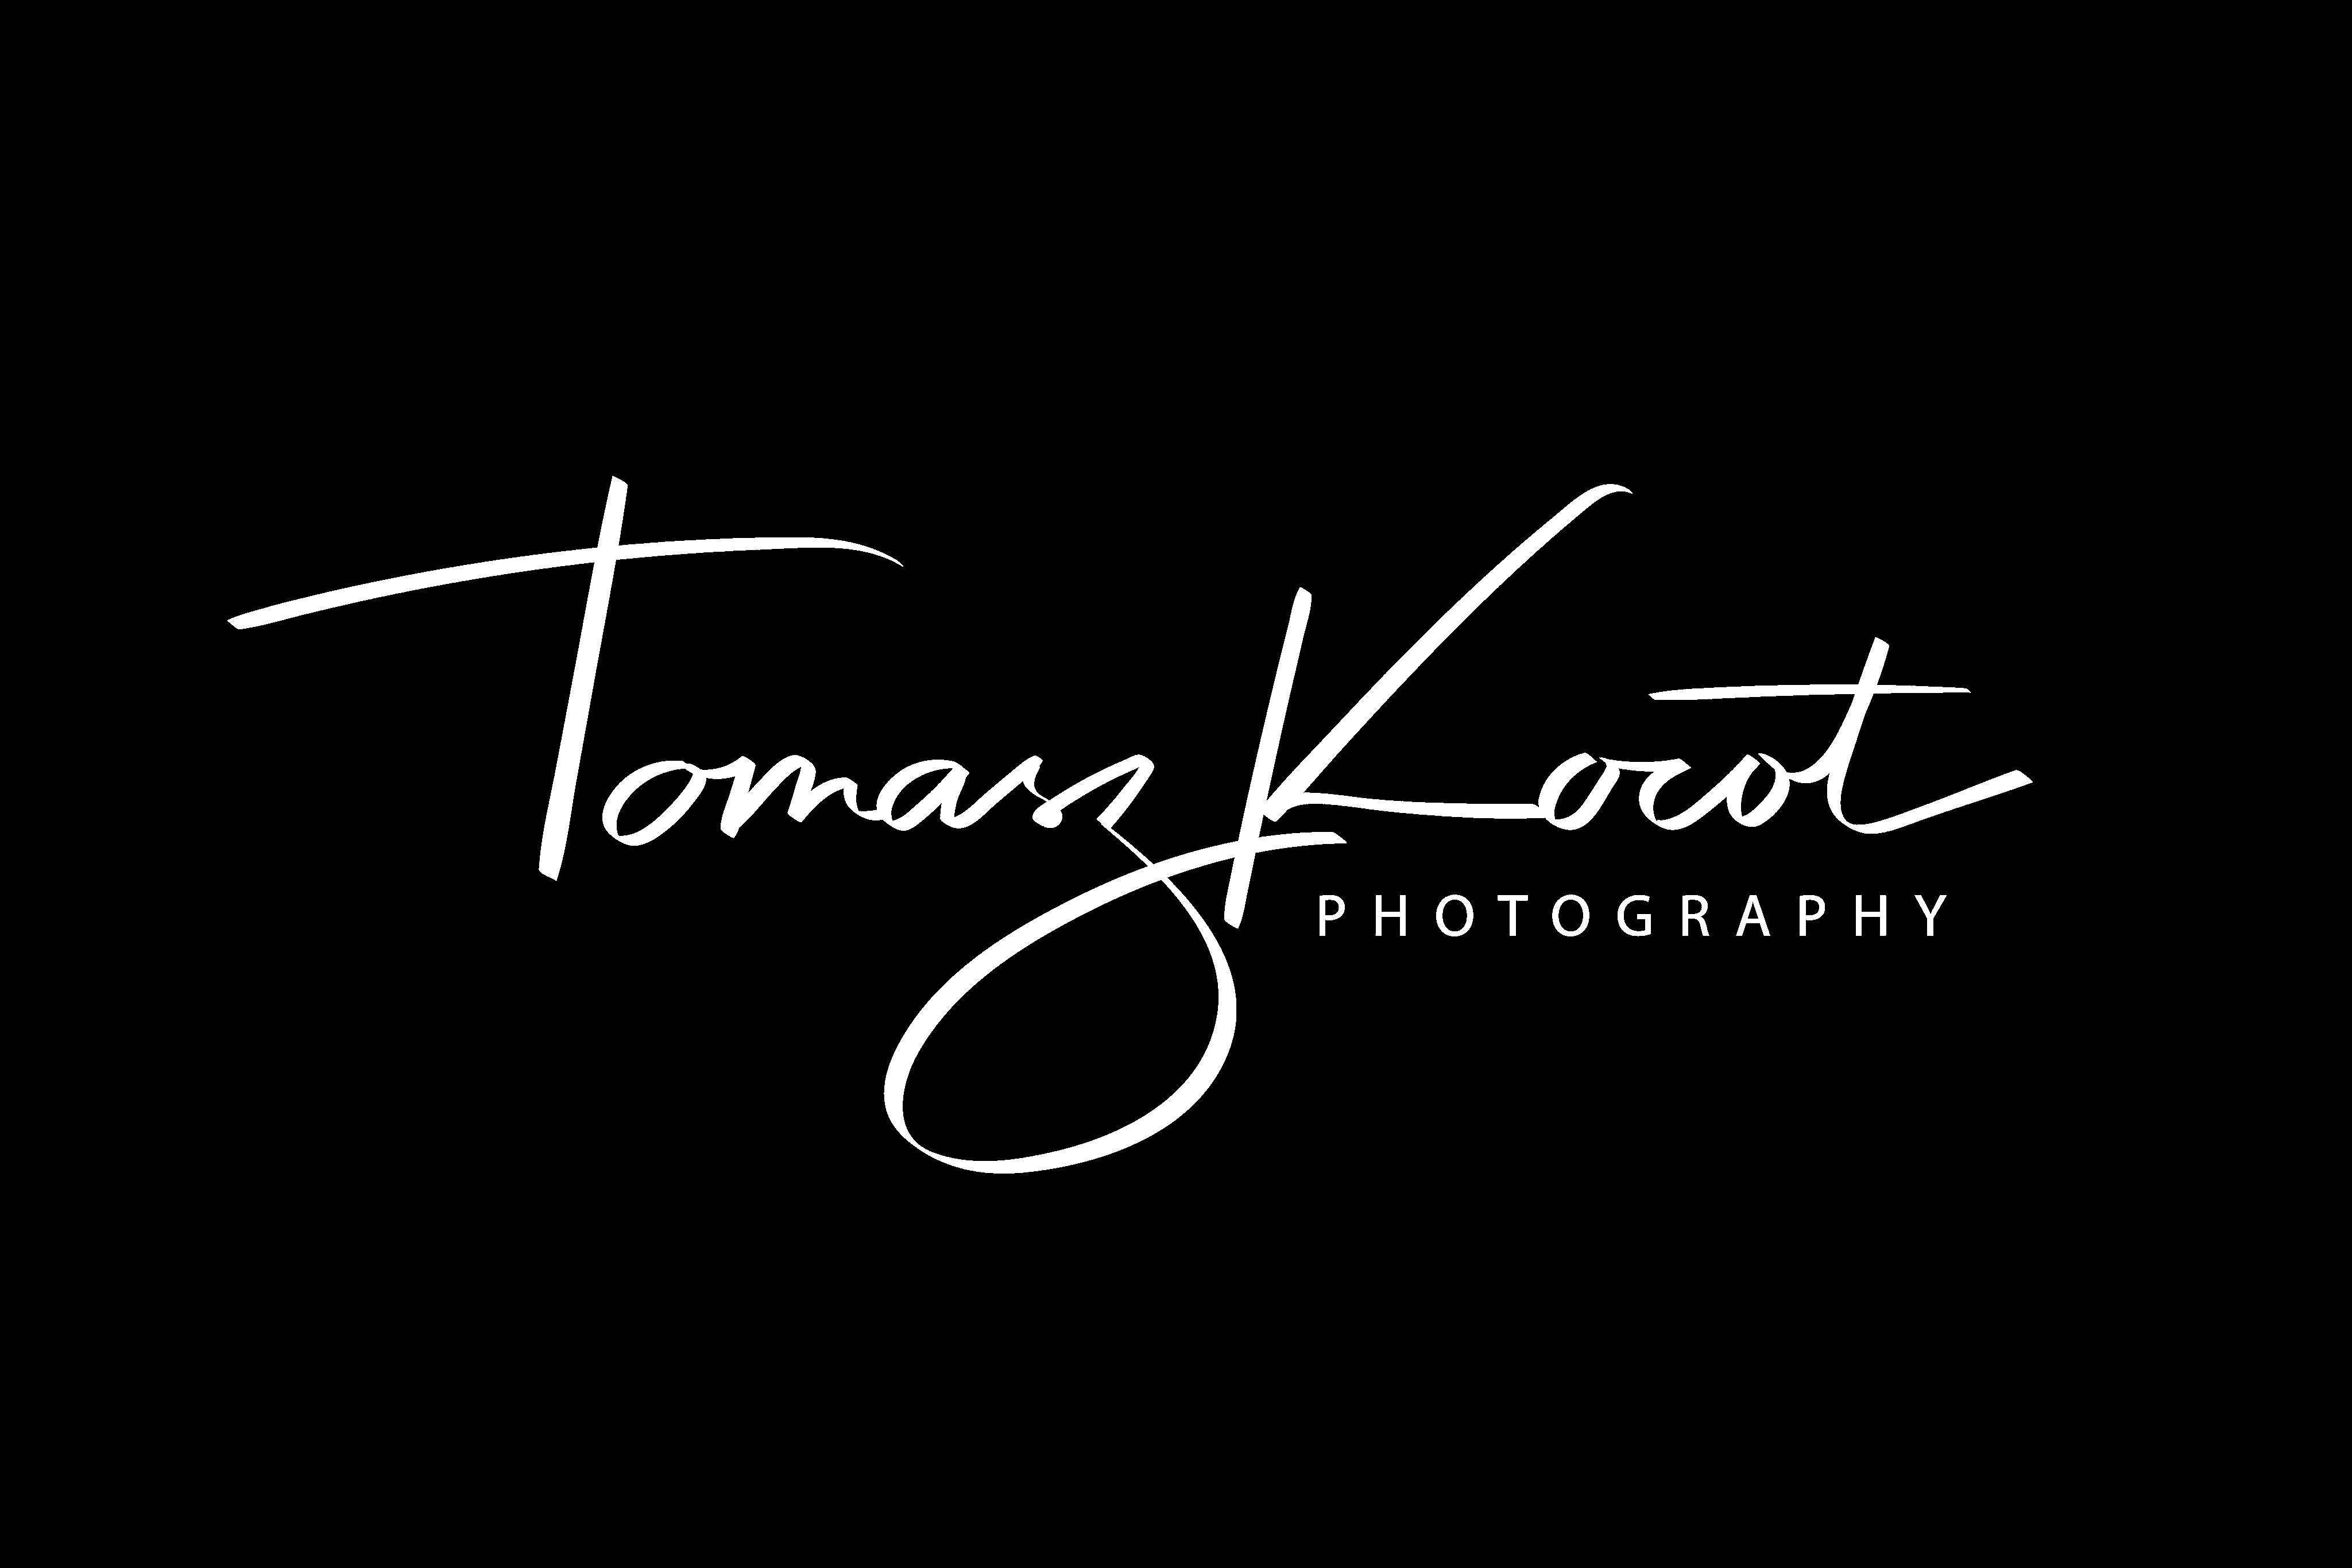 Tomasz Kocot